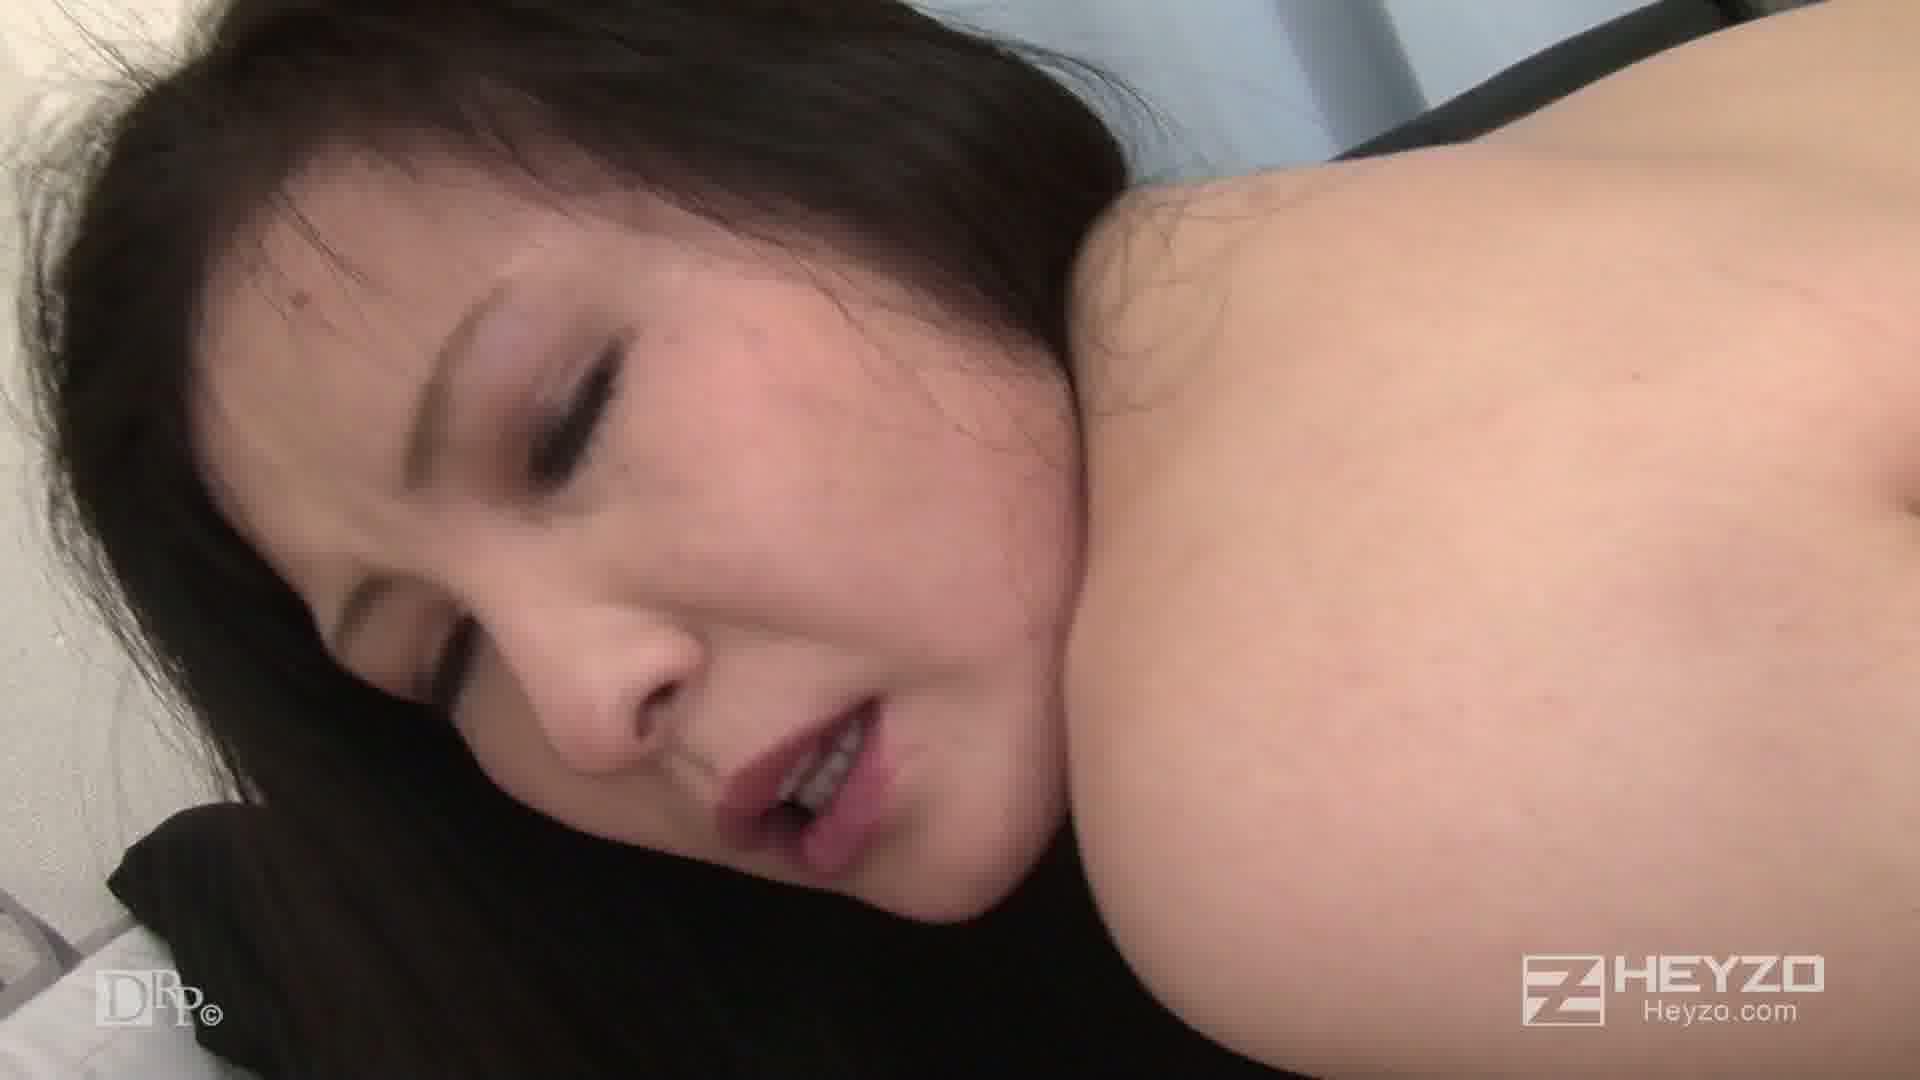 夫に内緒!背徳セックスを堪能する淫乱部長夫人 - 山下やよい【ベロチュー 指マン フェラ 69 オナニー バック】